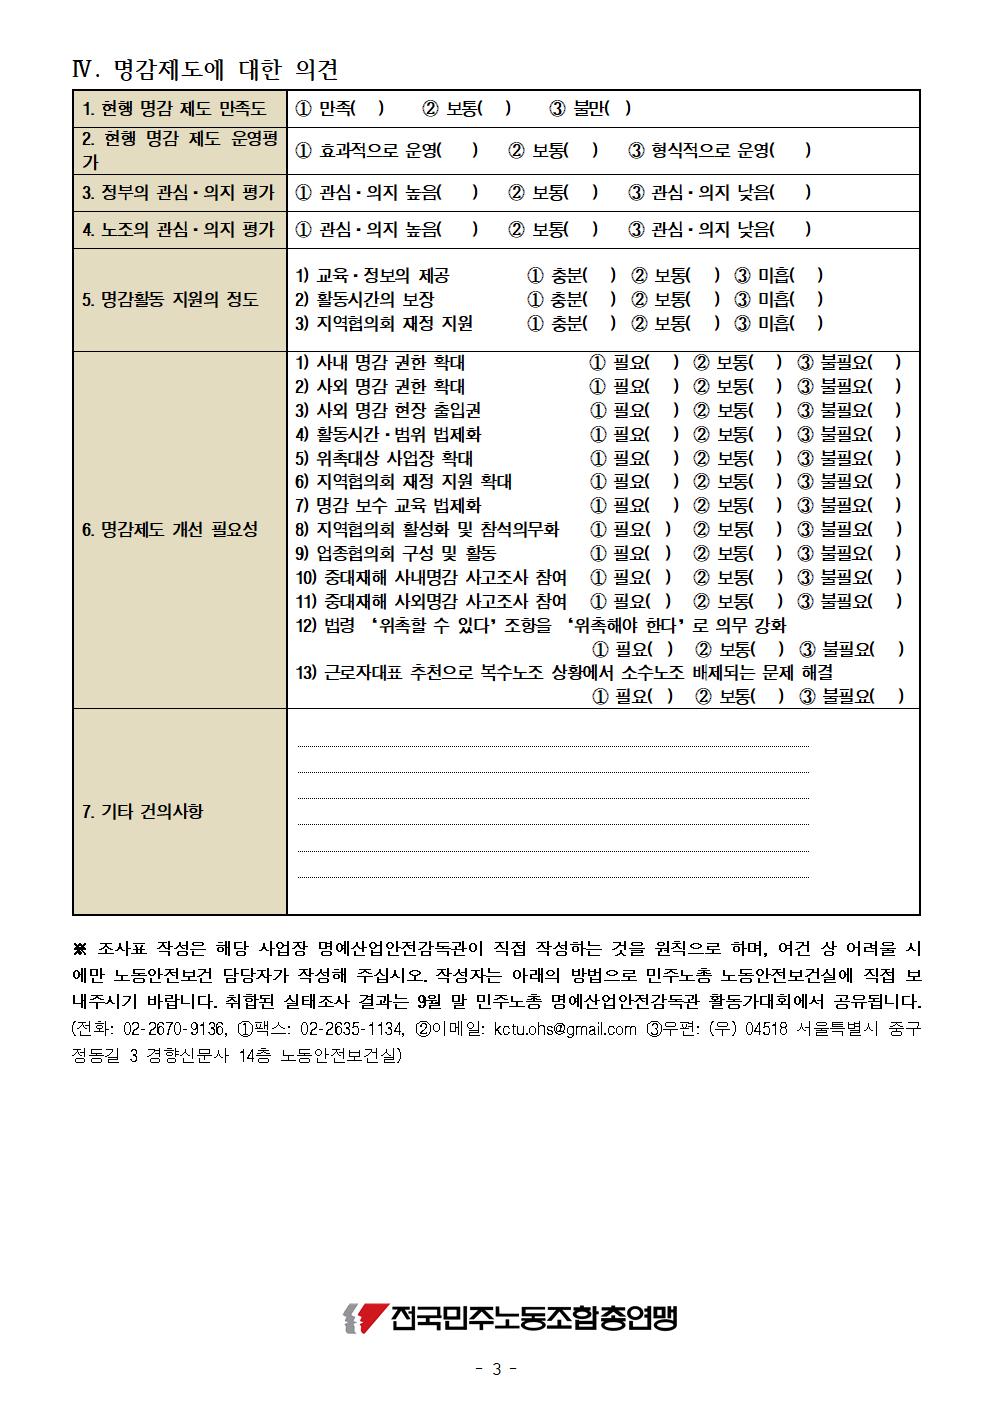 [안내문]_명예산업안전감독관 제도개선을 위한 실태조사_수정003.png